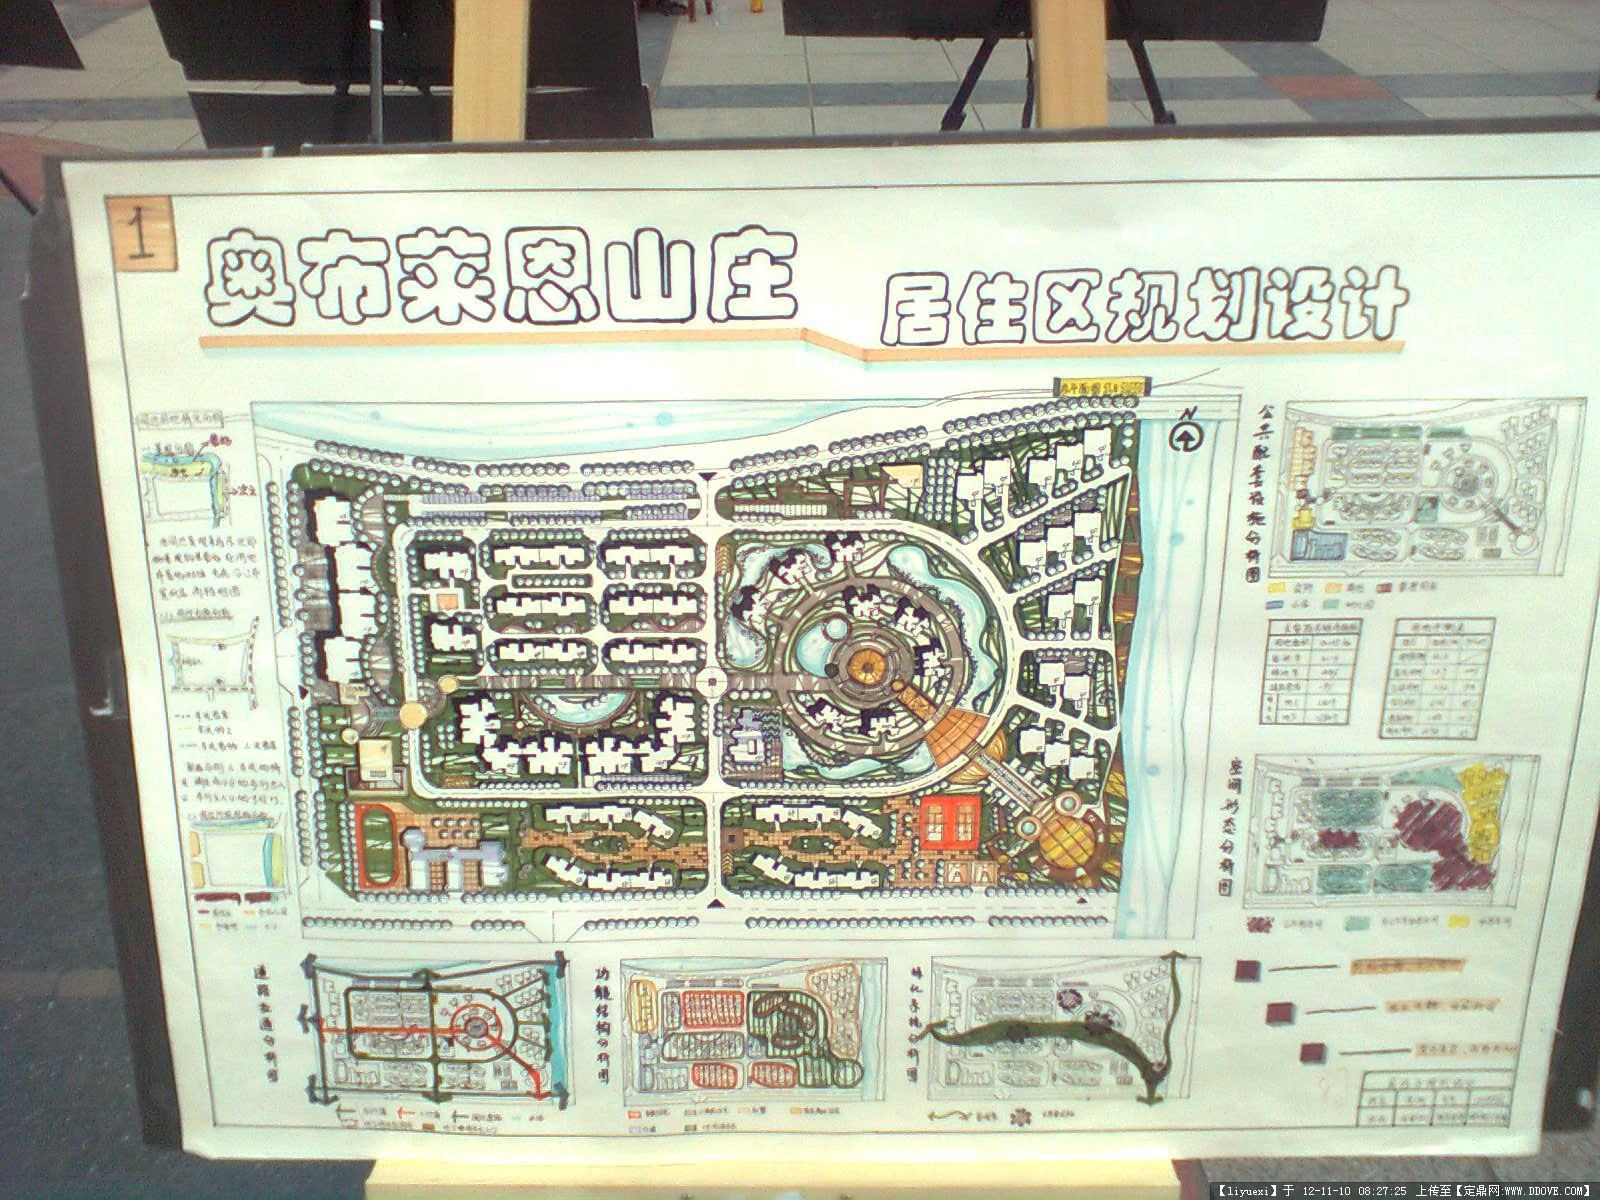 居住区规划手绘图的图片浏览,园林效果图,手绘效果,_.